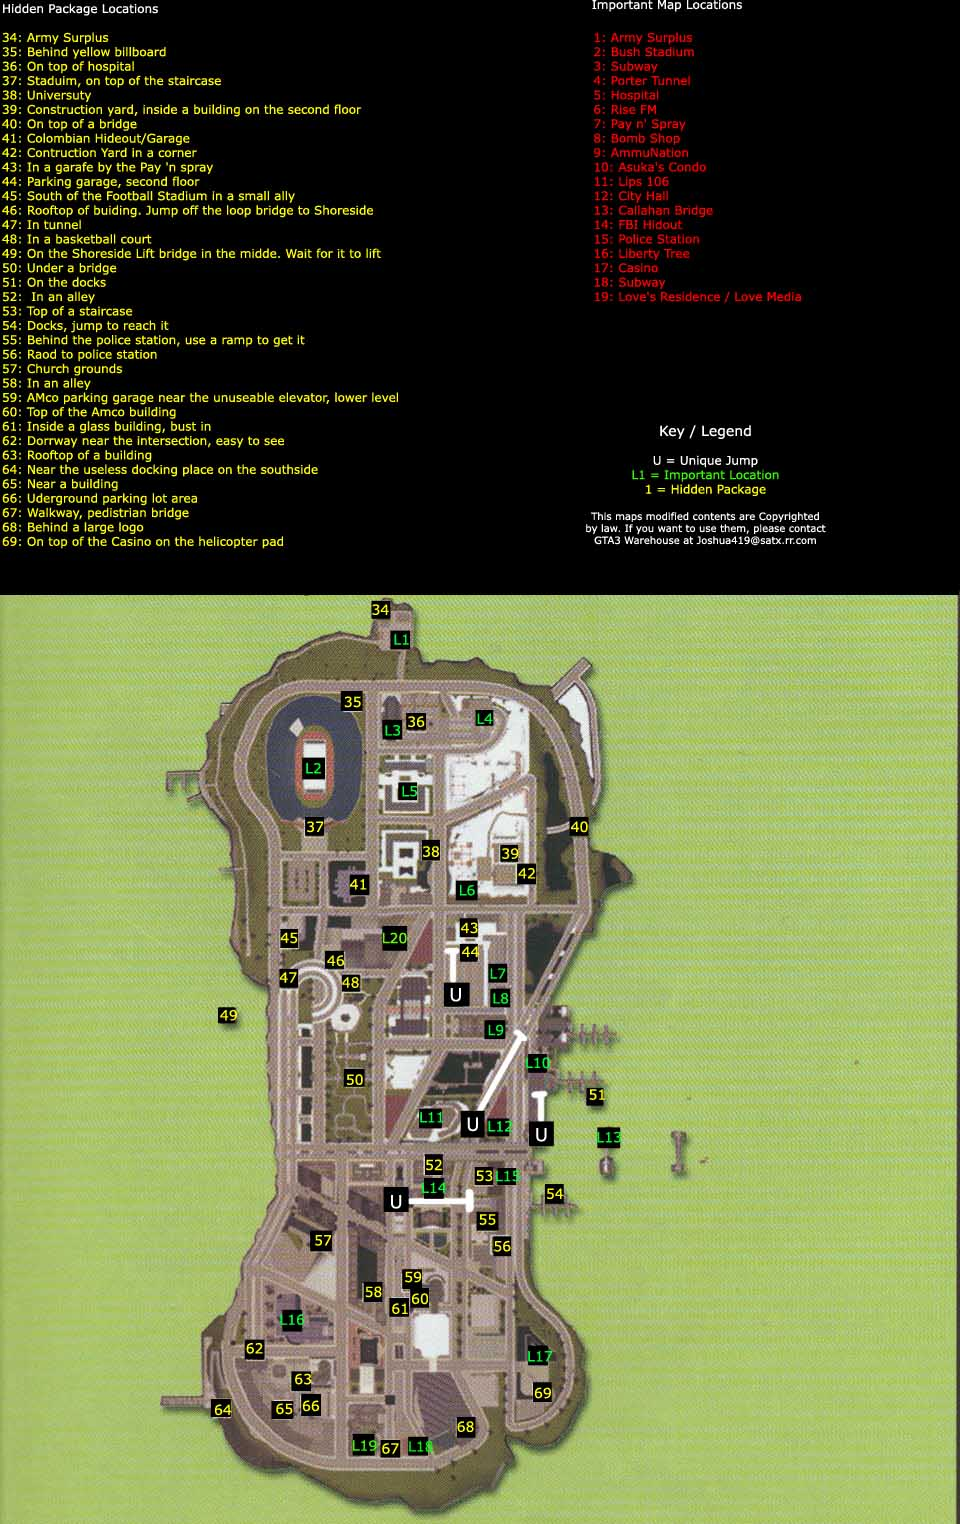 Acido's Website - GTA3 Maps